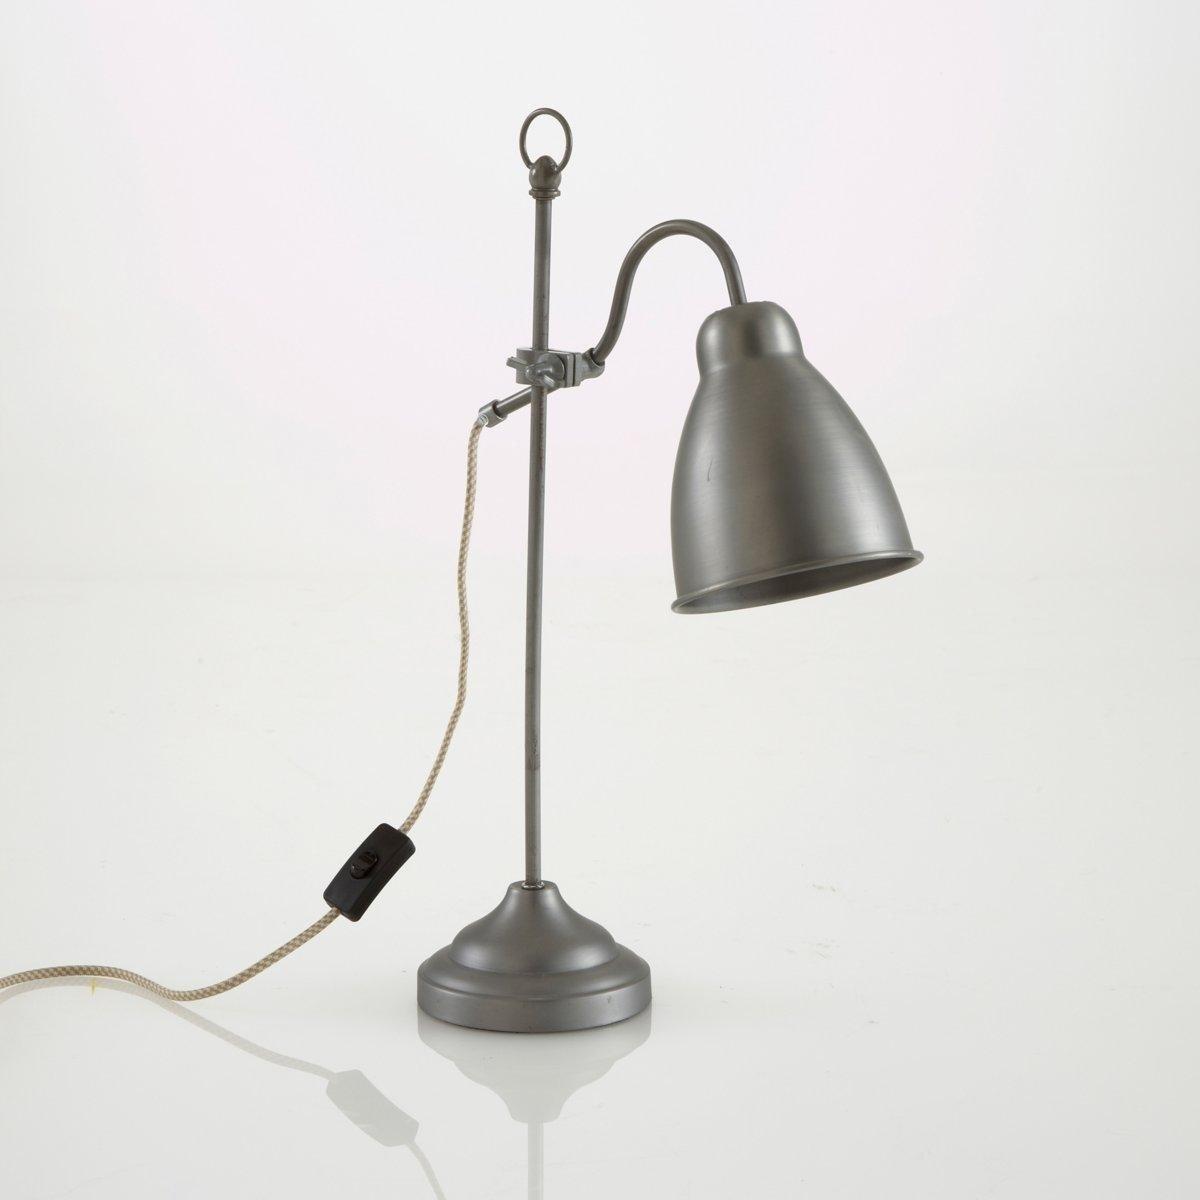 Лампа настольная из металла, MaxileОписание настольной лампы Maxile : Патрон E14 для лампочки макс 40W (не входит в комплект)  Этот светильник совместим с лампочками    энергетического класса    : A - EХарактеристики лампы Maxile :Эпоксидное покрытие серого цвета .Текстильный кабель .Размеры лампы Maxile :Основание: 14см по диаметру Высота: 53,5см Глубина: 35 см Размеры и вес упаковки :590x200x270мм0,8кг<br><br>Цвет: серый металл